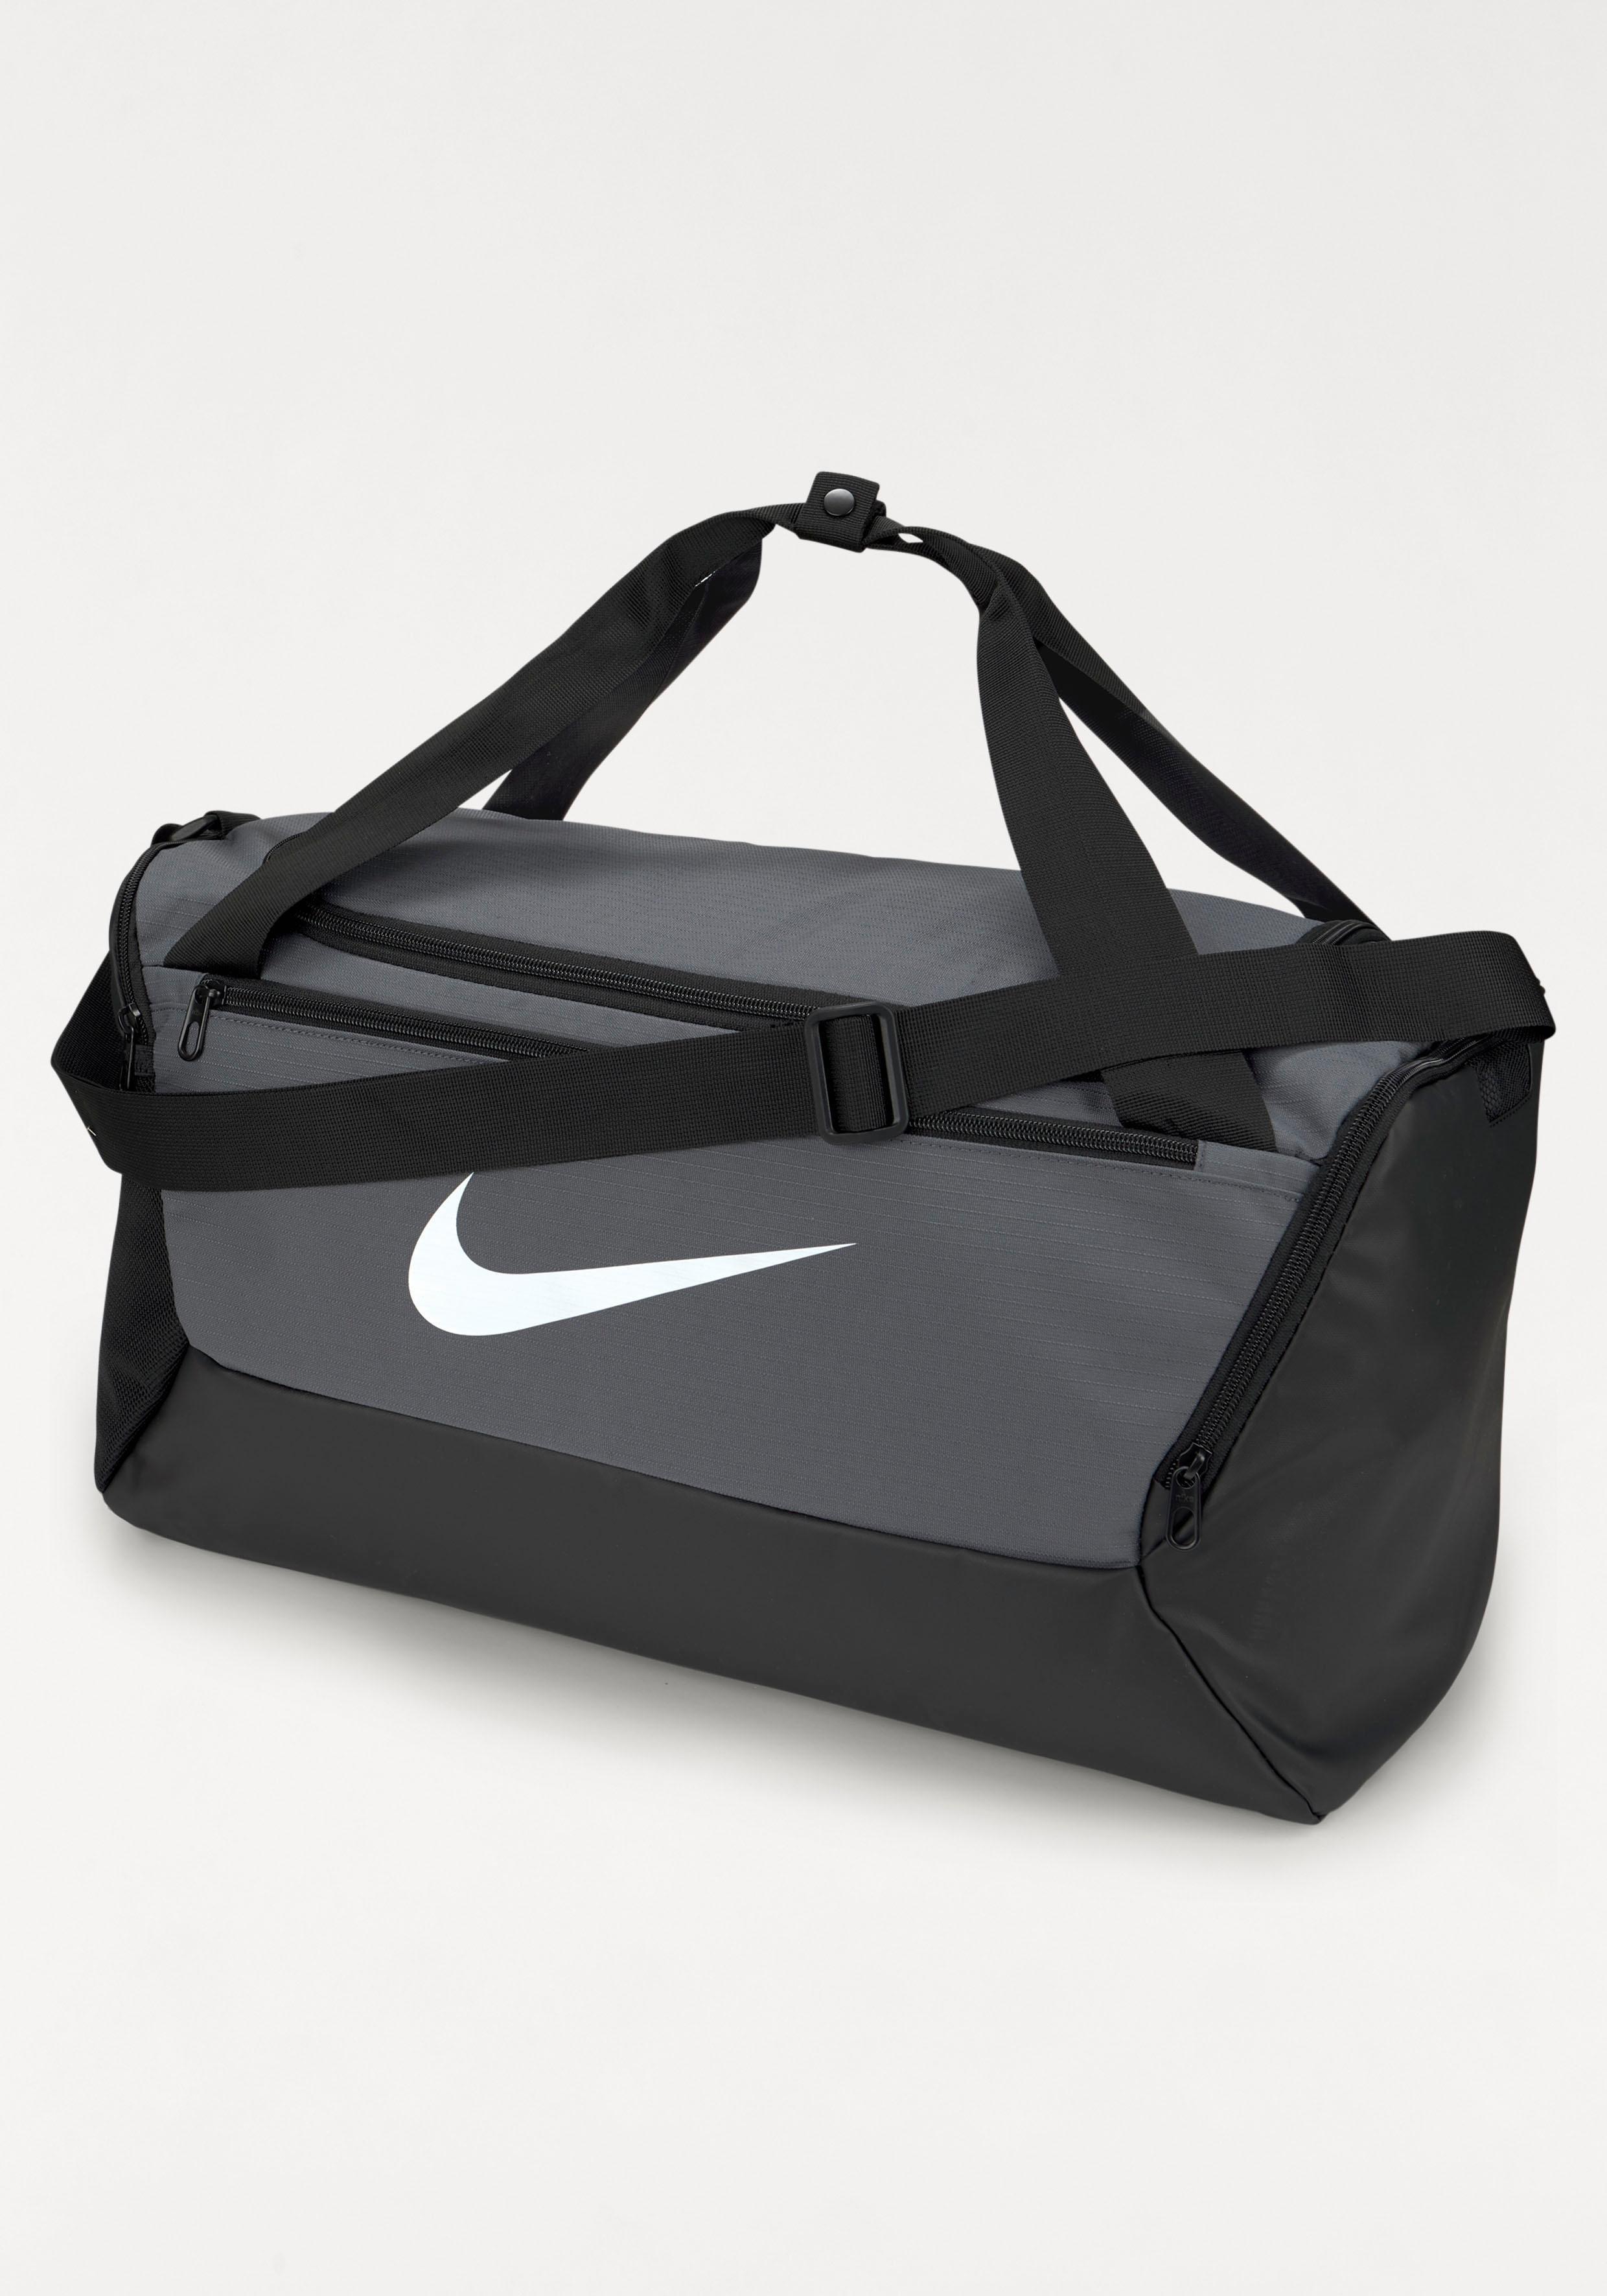 Nike sporttas - verschillende betaalmethodes